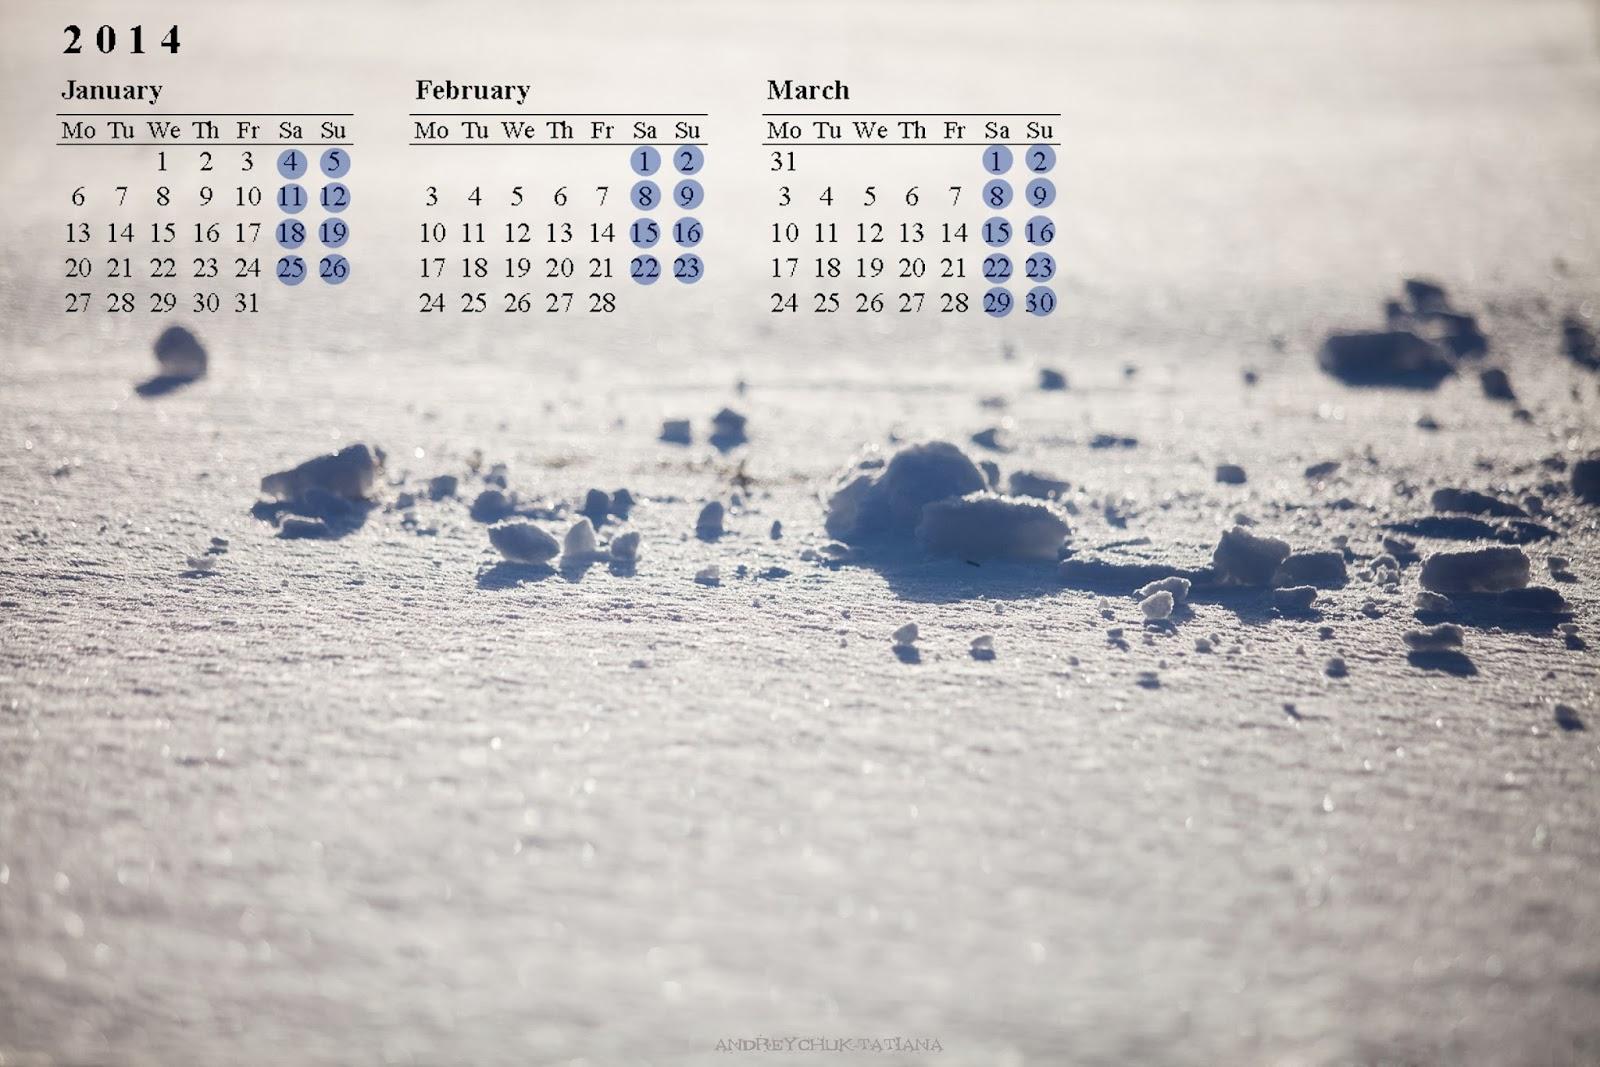 синие тени на белом снегу